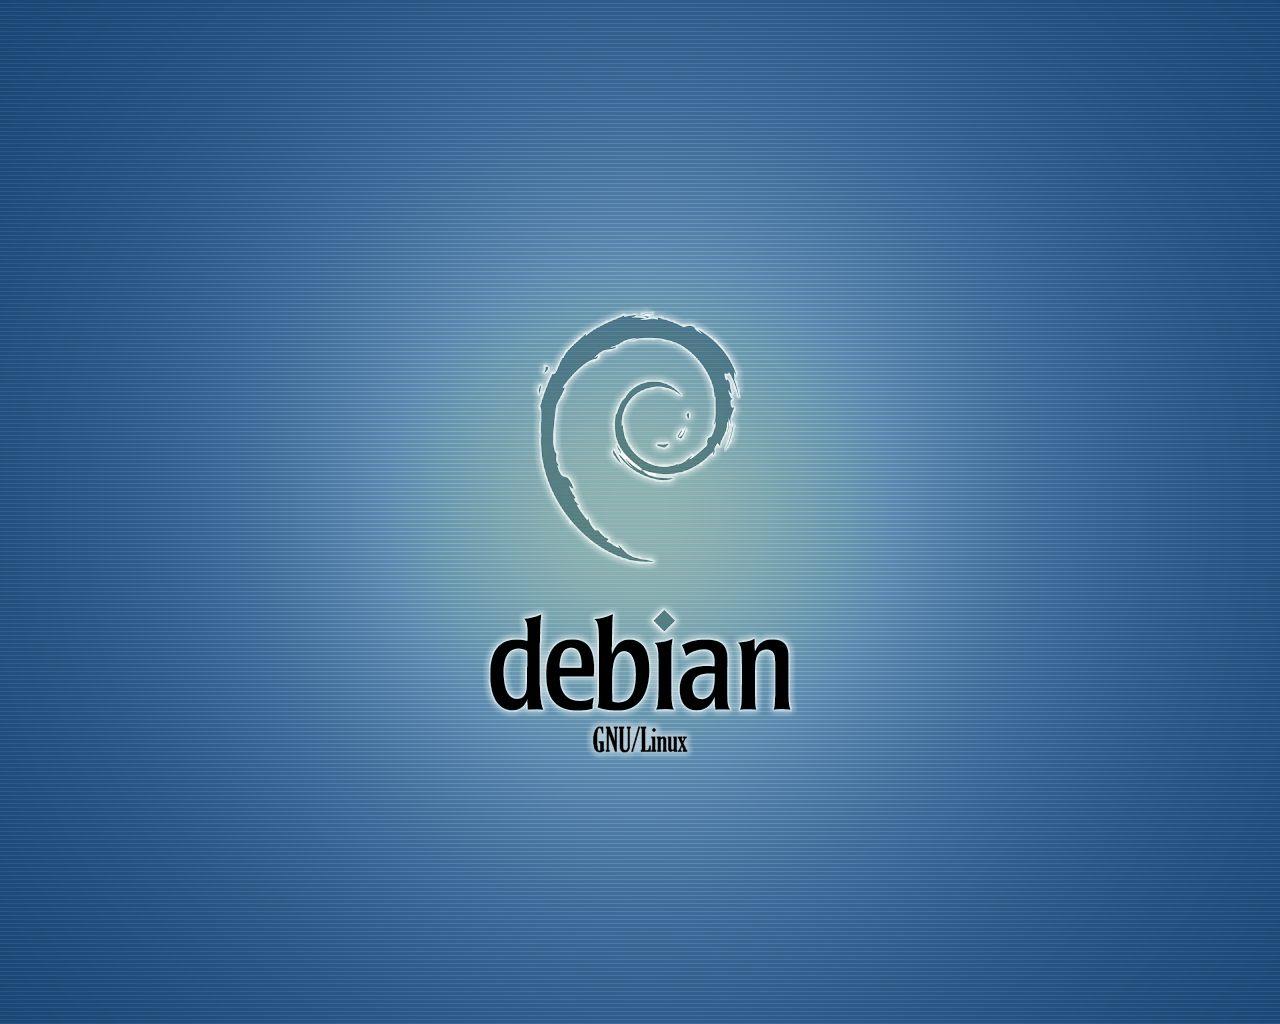 debian019